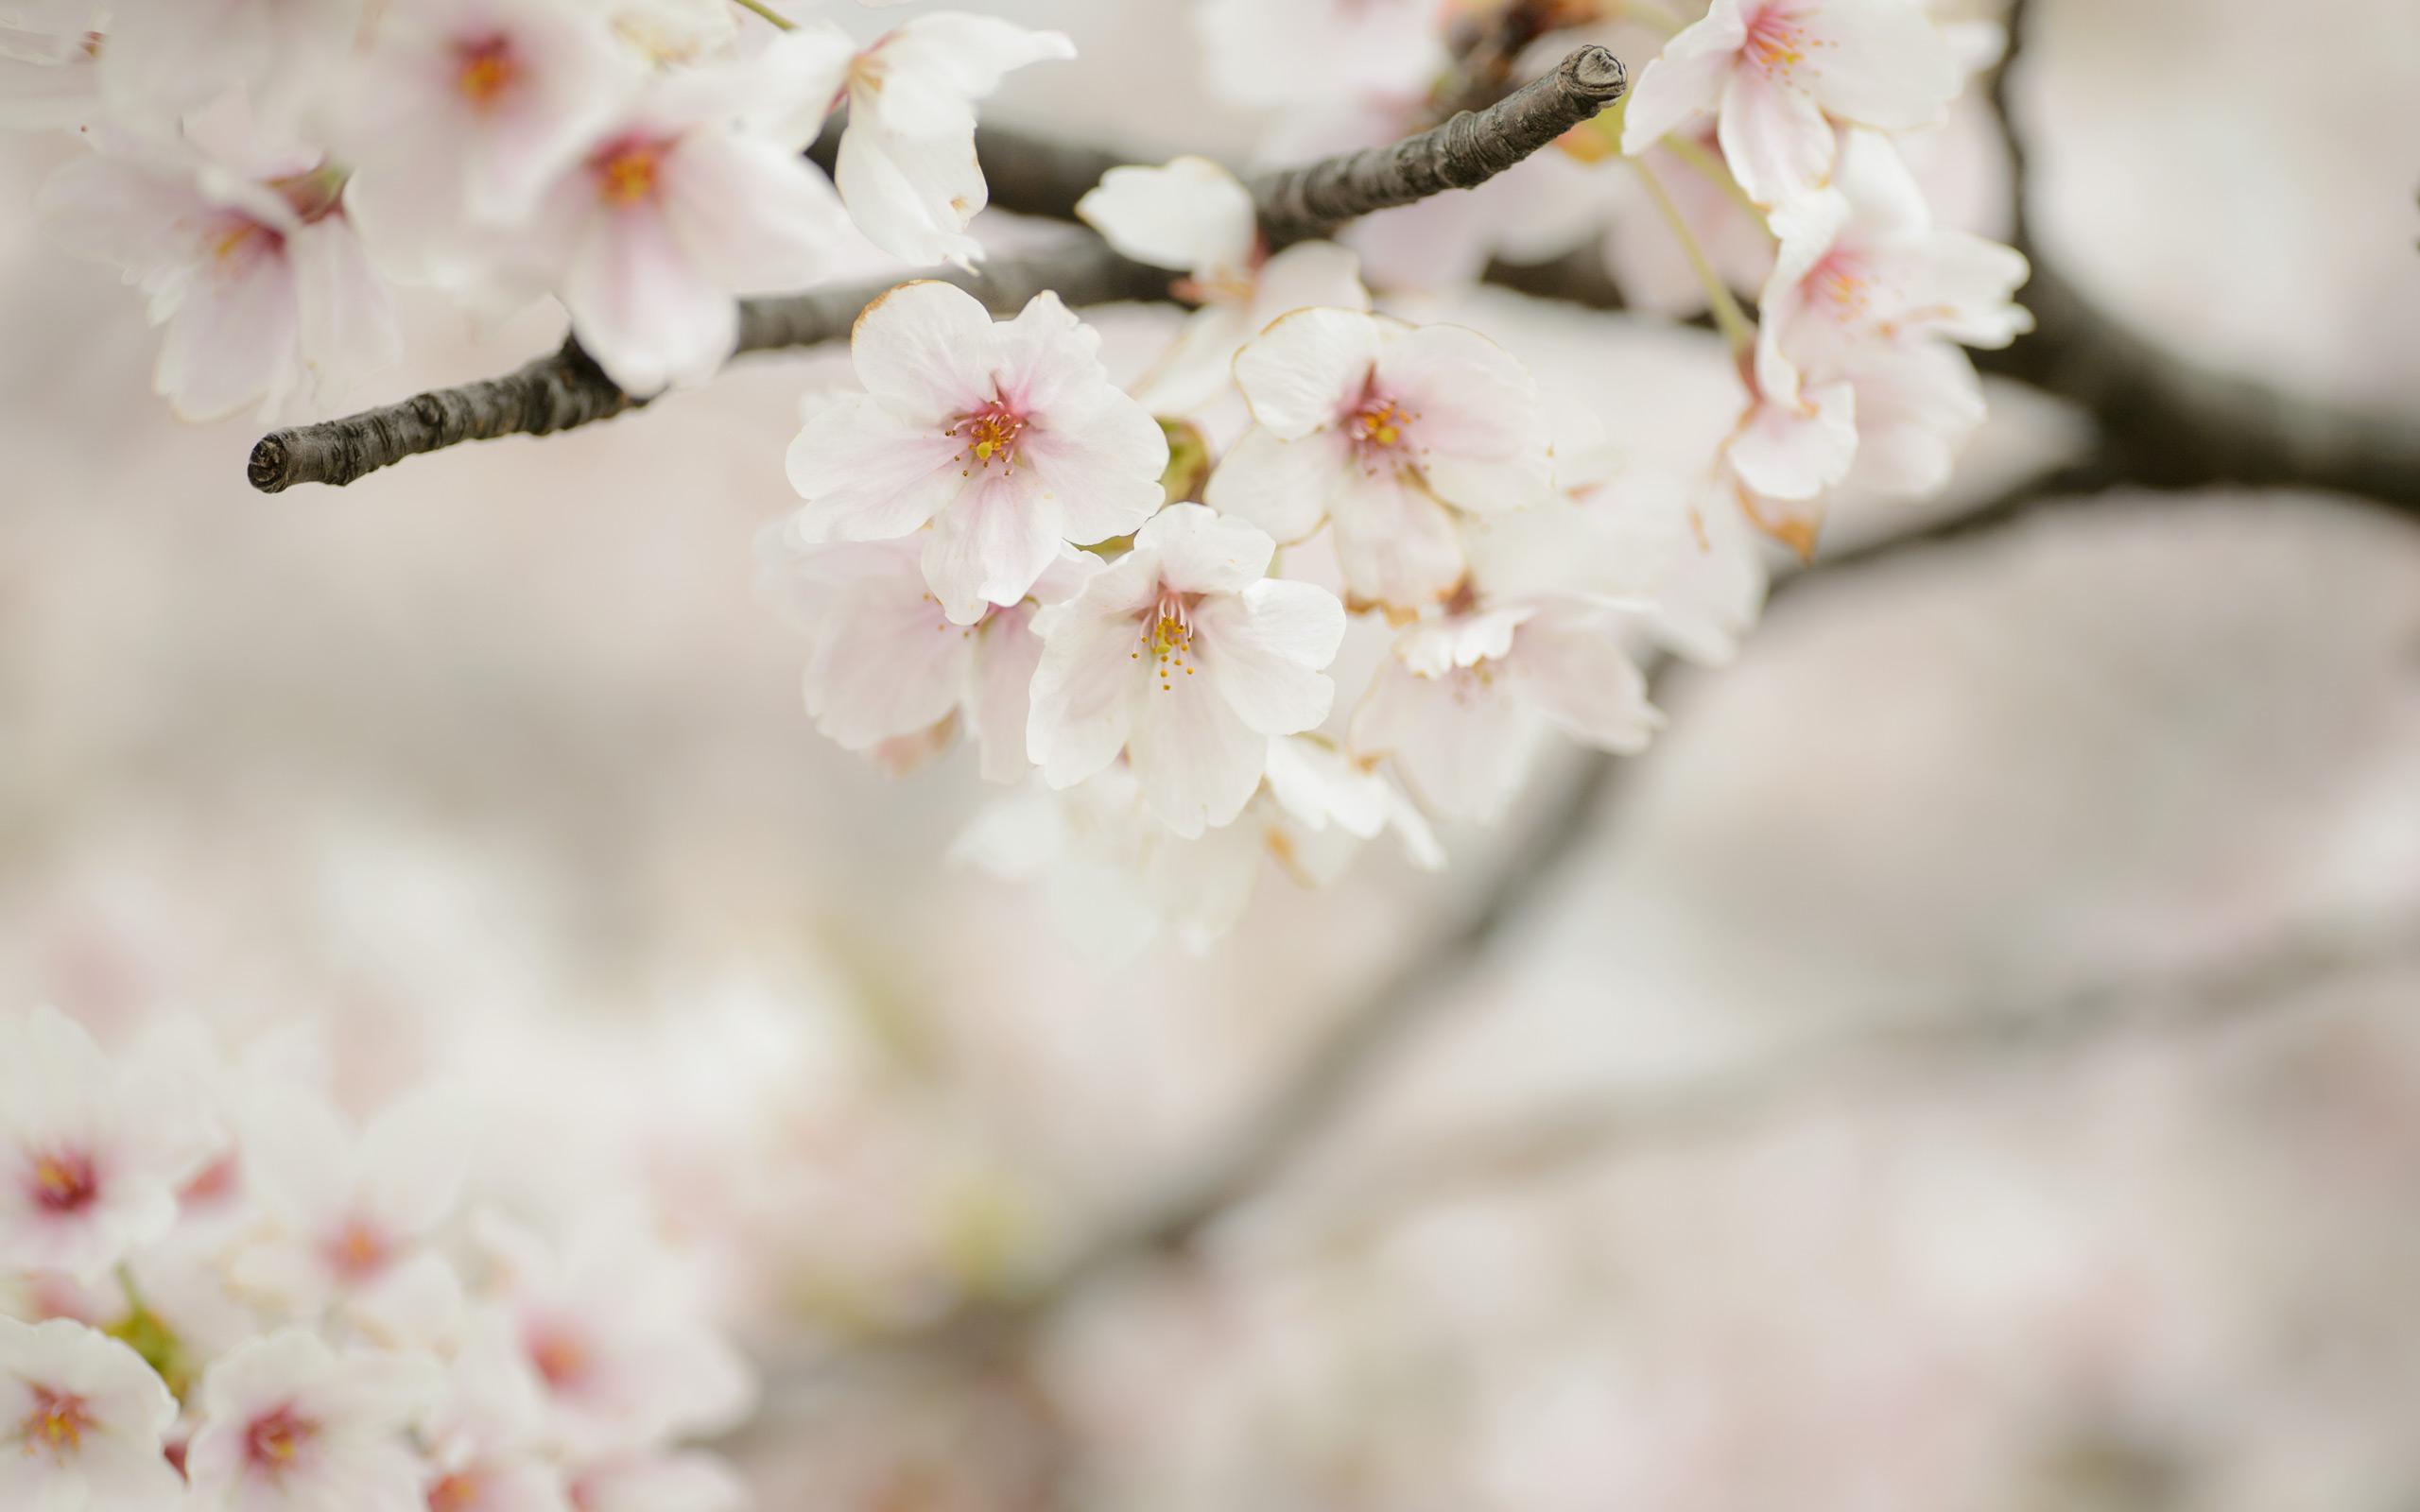 Cute Cherry Blossom Wallpaper Desktop